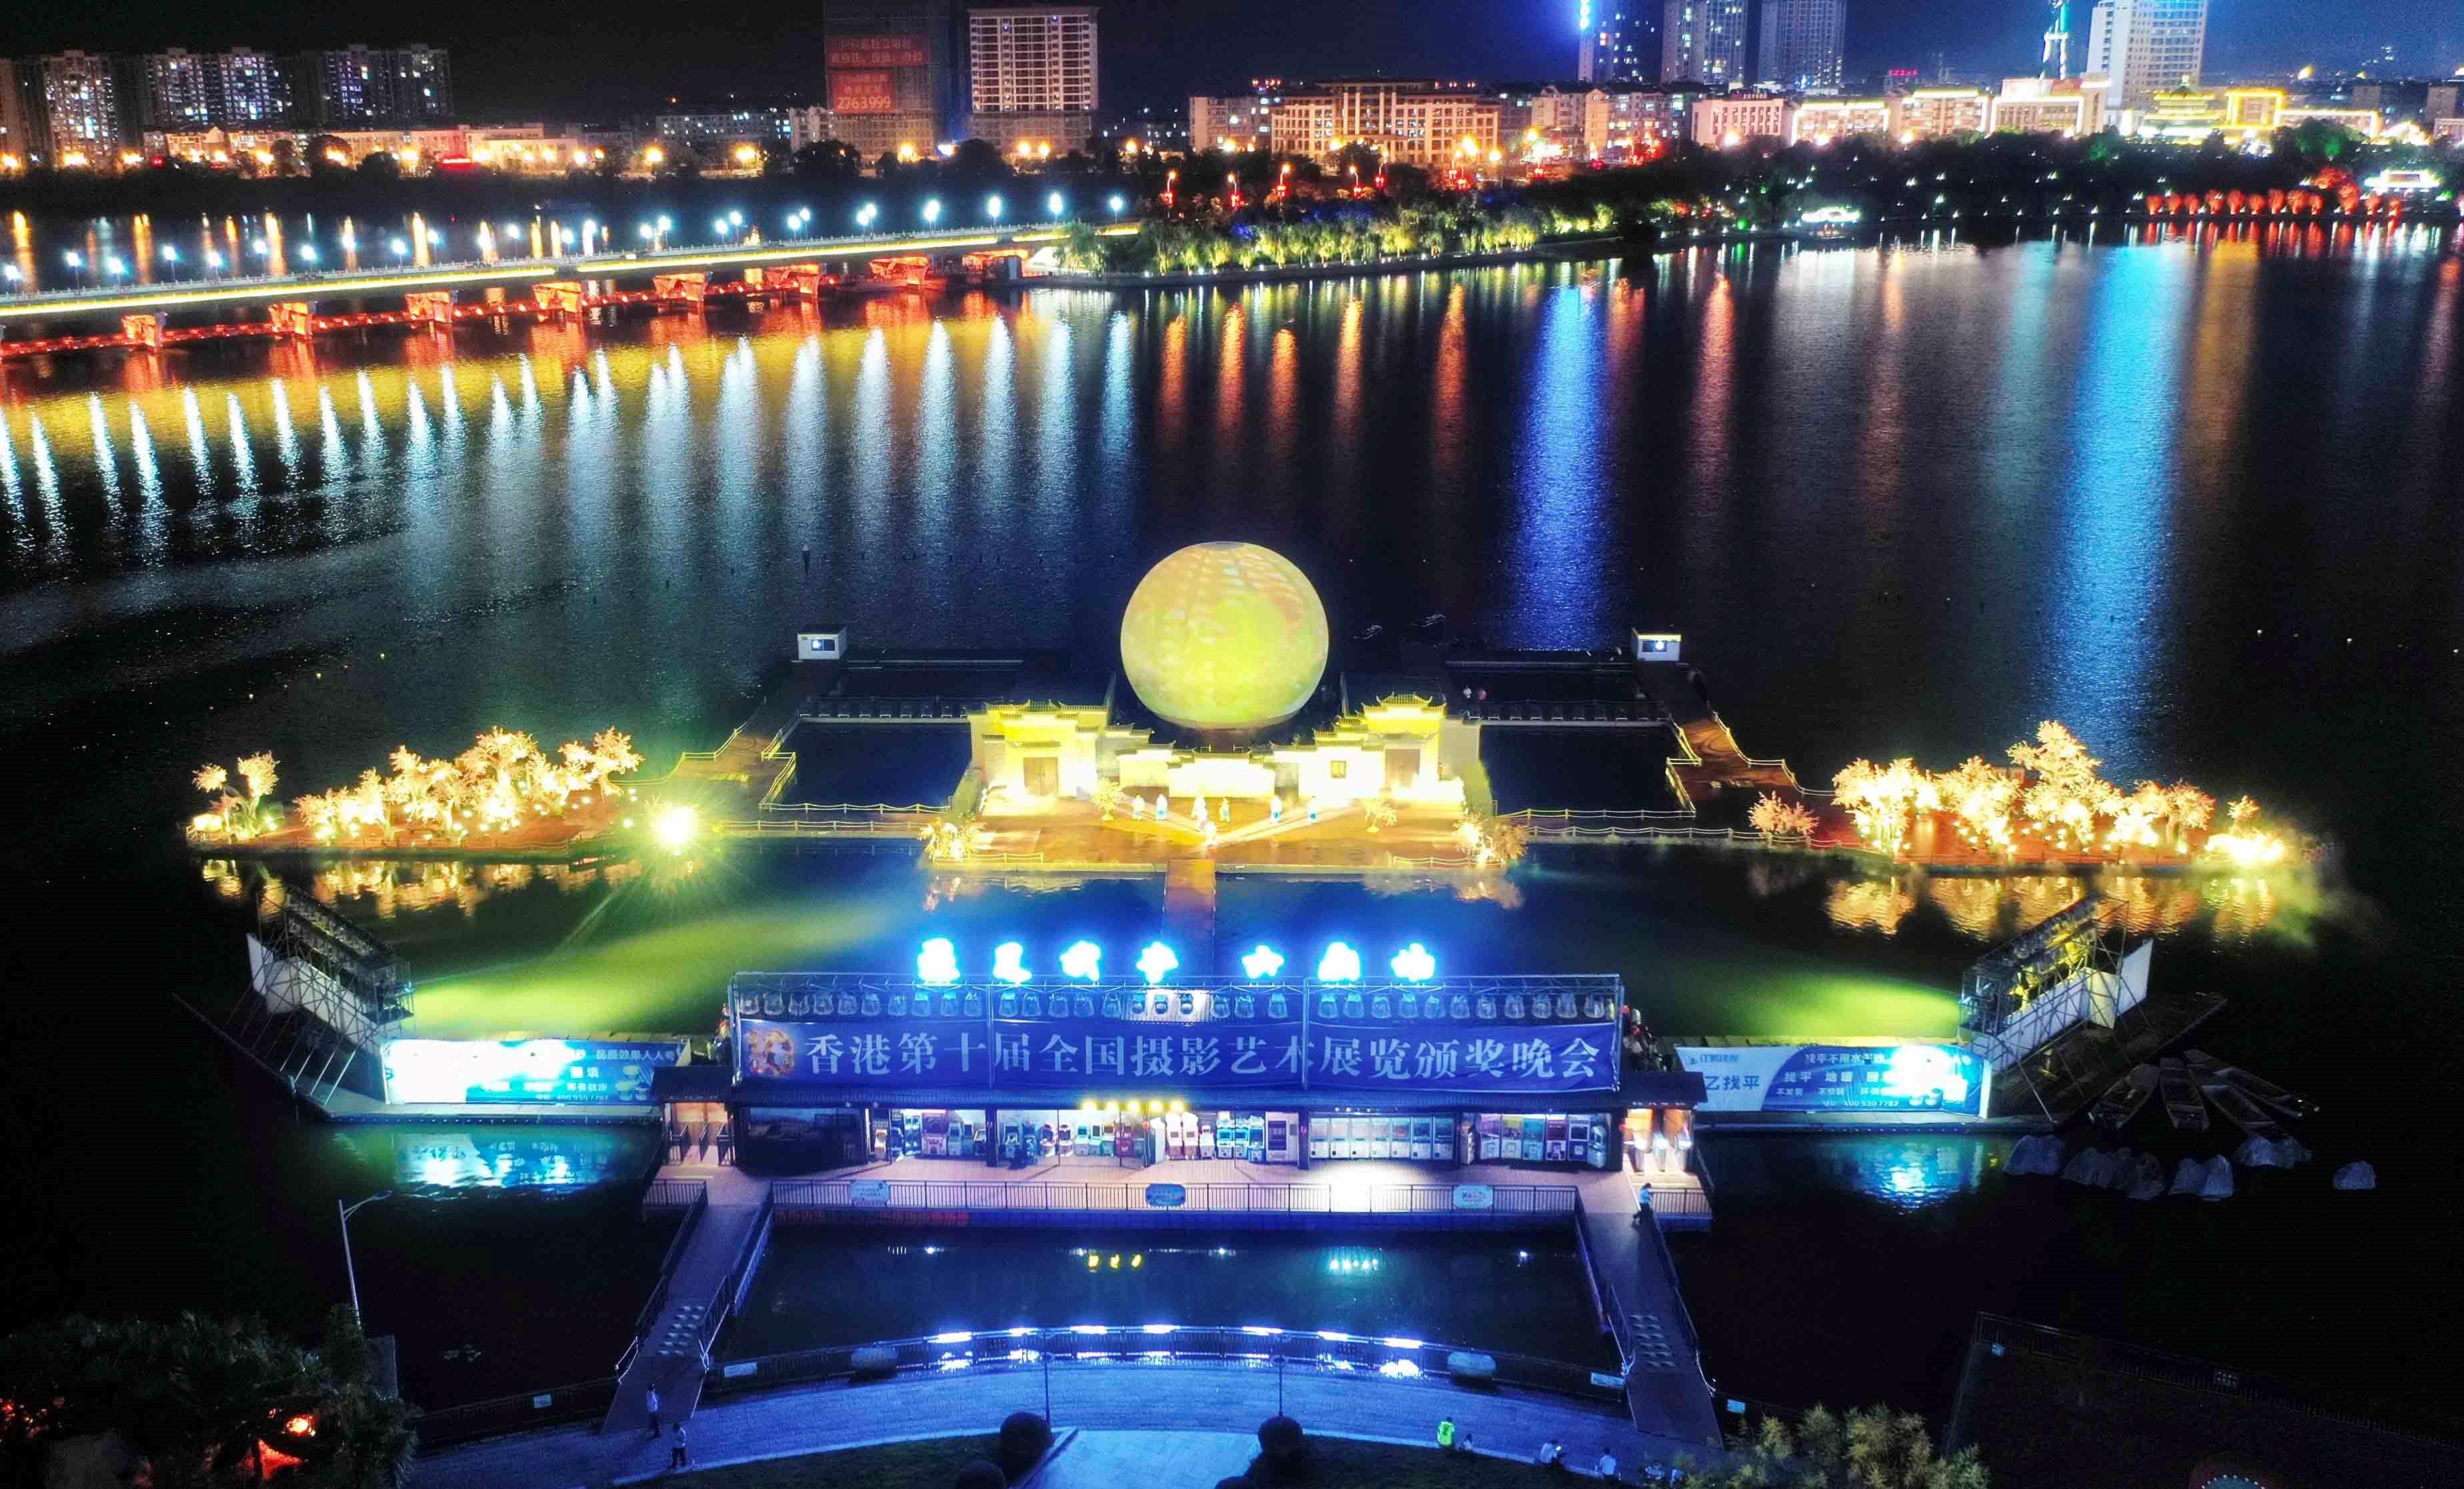 为期一周的香港全国摄影艺术展览系列活动在江西武宁落下帷幕